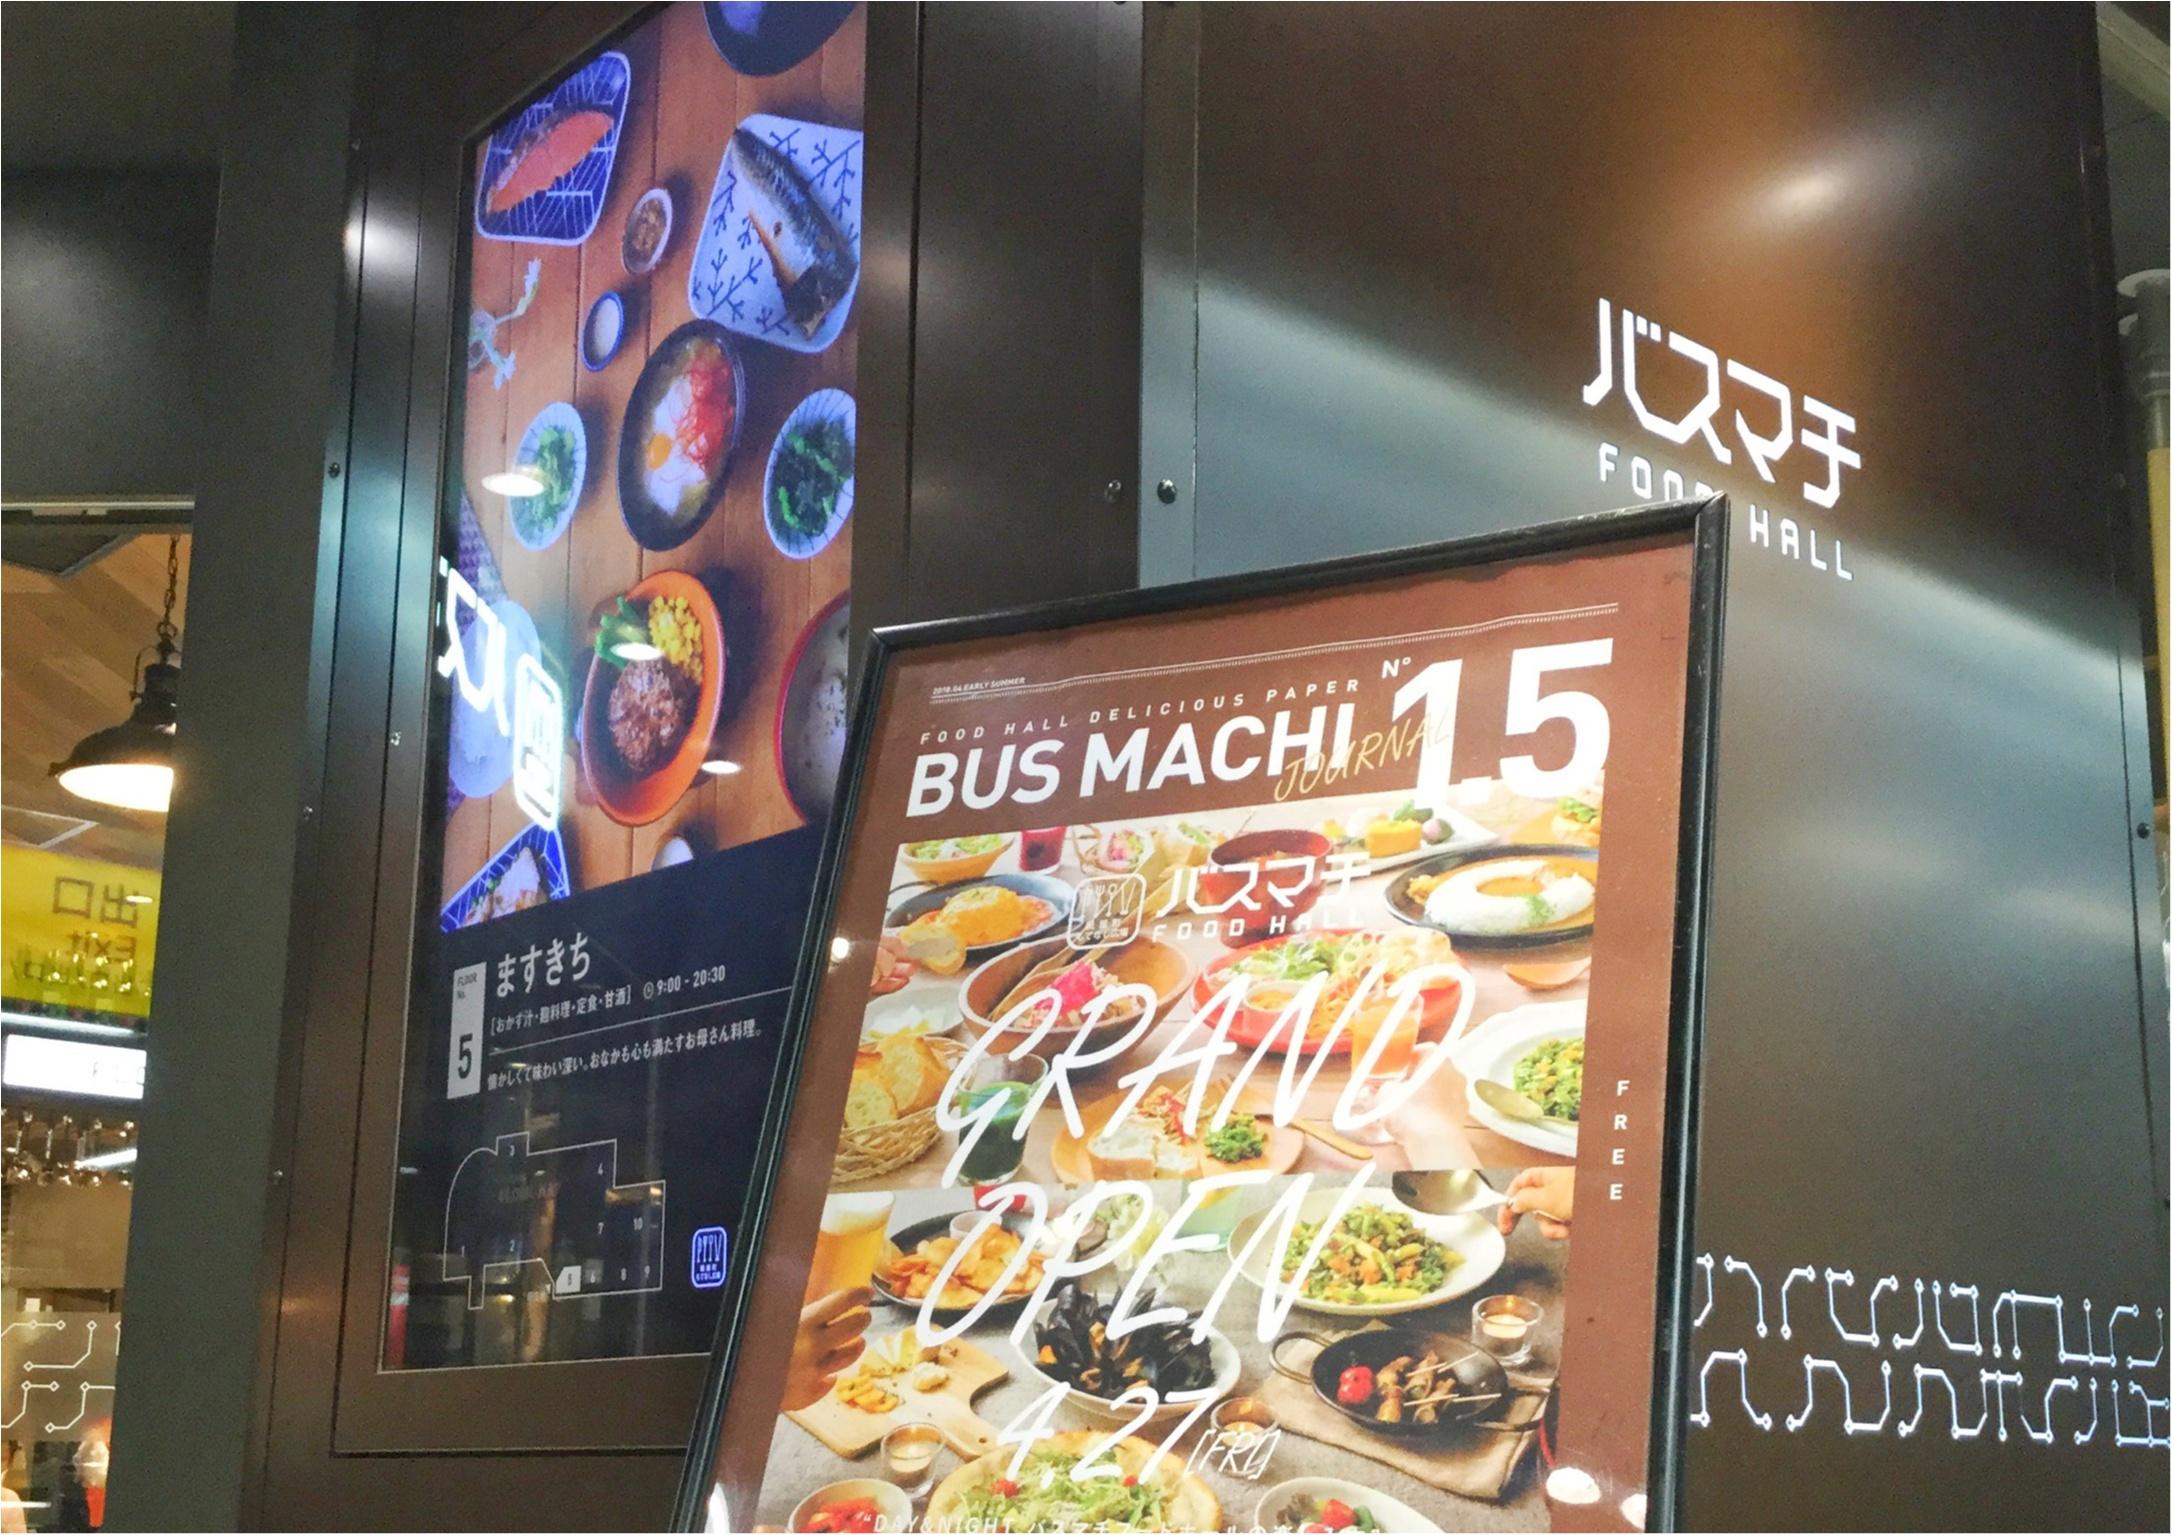 4/27広島バスセンターが変わります!《バスマチ FOOD  HALL》がグランドオープン♡美味しいご飯を食べた後は、広島ならではの手土産も買って帰りませんか?_6